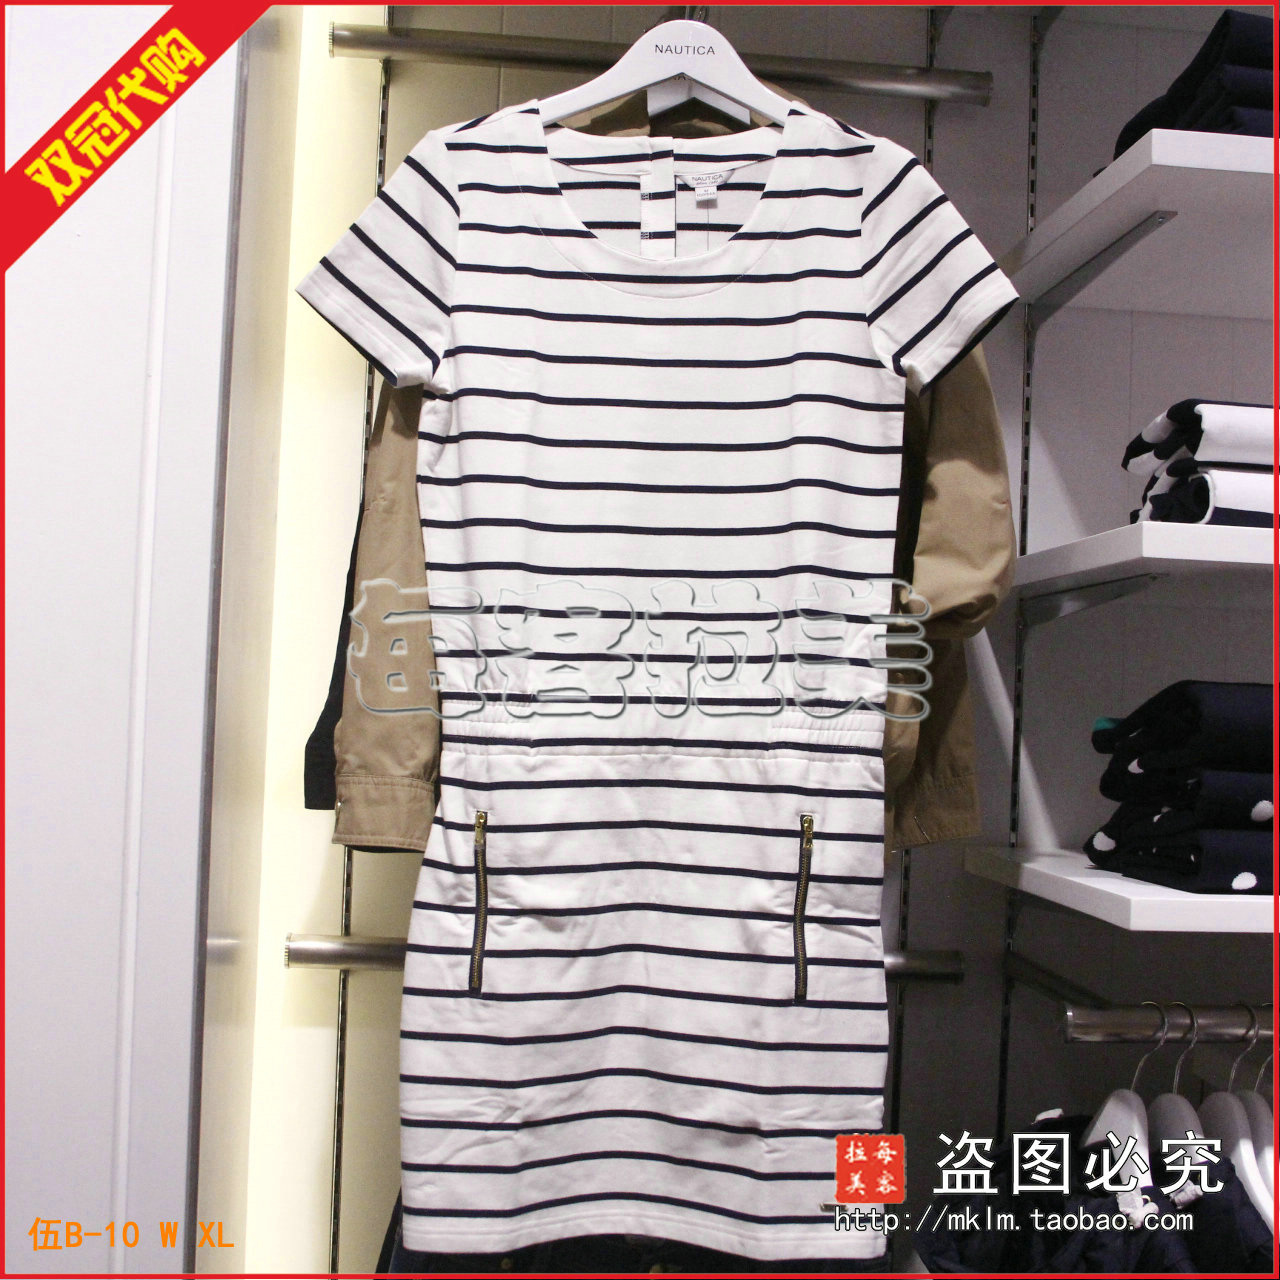 Женское платье Nautica  151 990 151-51DC25-1SW